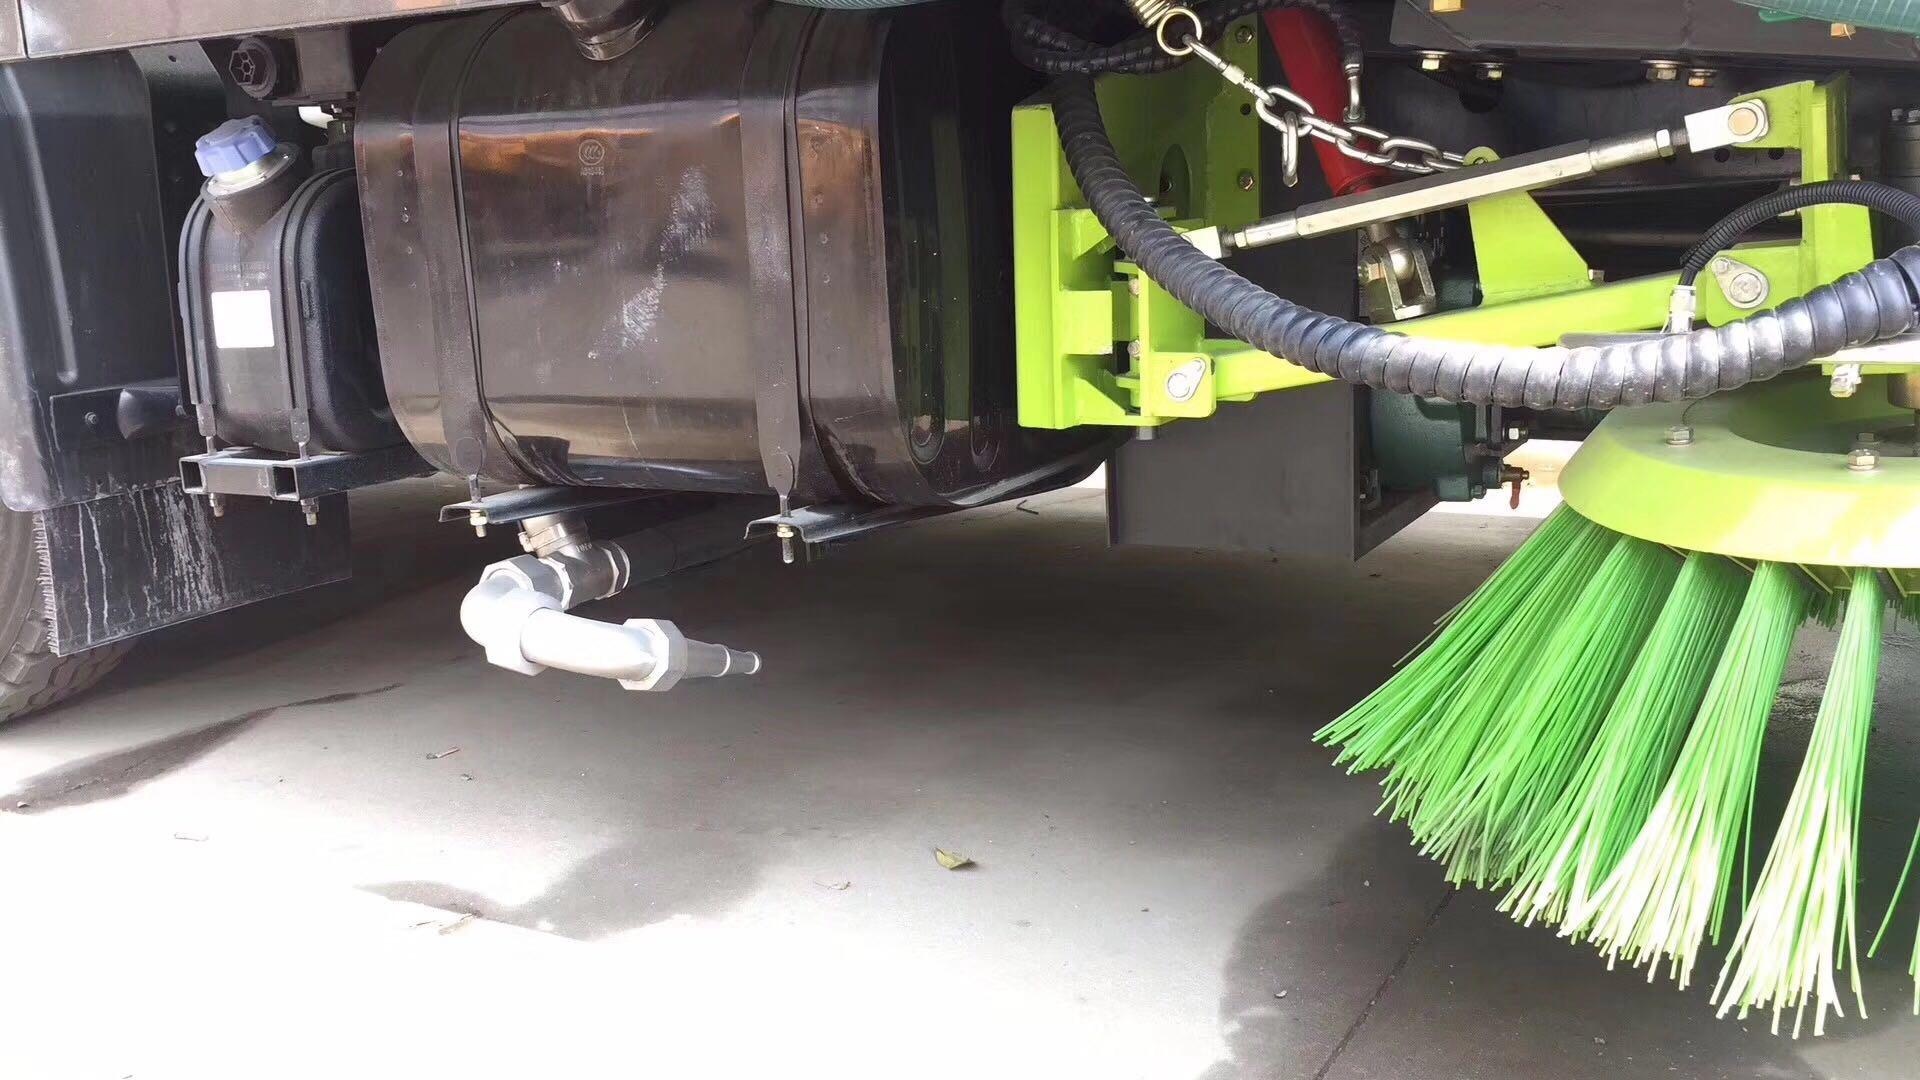 五十鈴掃路車,1.5方水4方塵,清掃寬度3米,江鈴77馬力副機